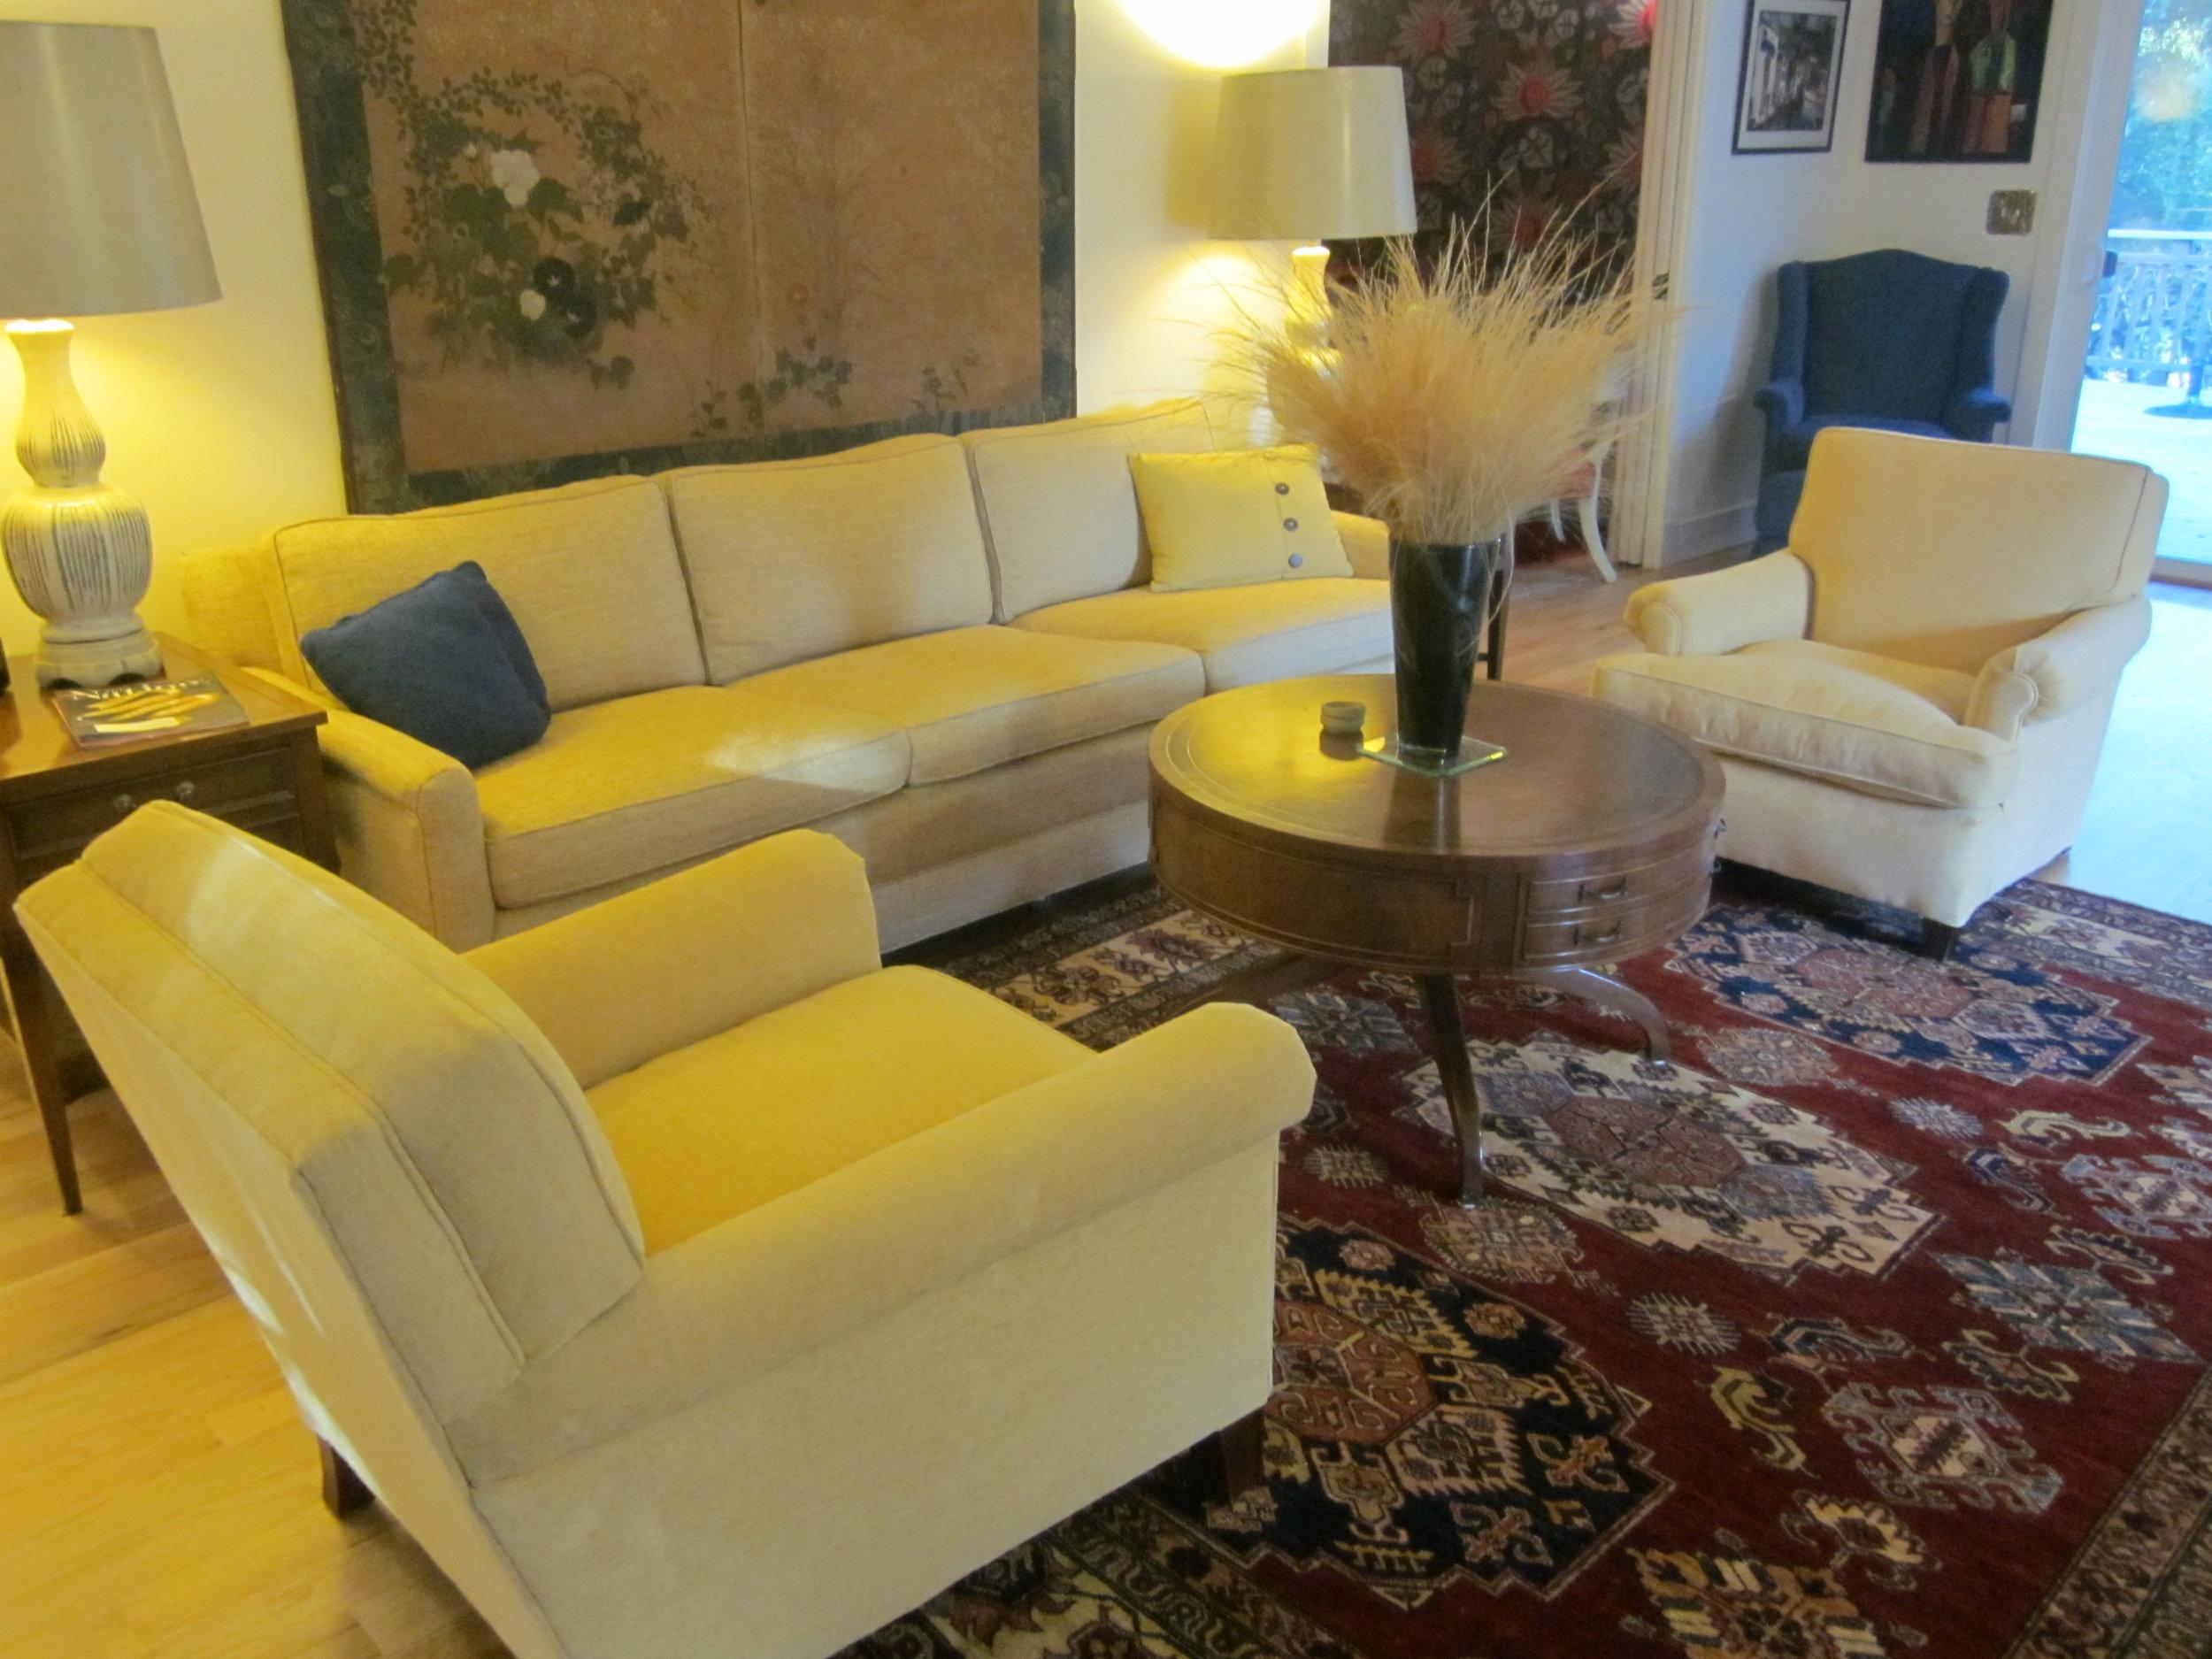 8 x 10 Kazak rug in client's home.